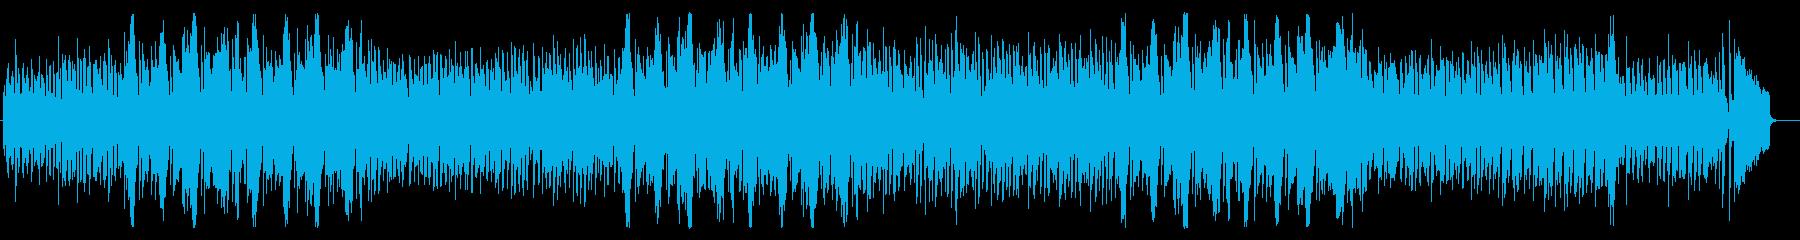 軽快で活動的なイメージのジャズ風曲の再生済みの波形